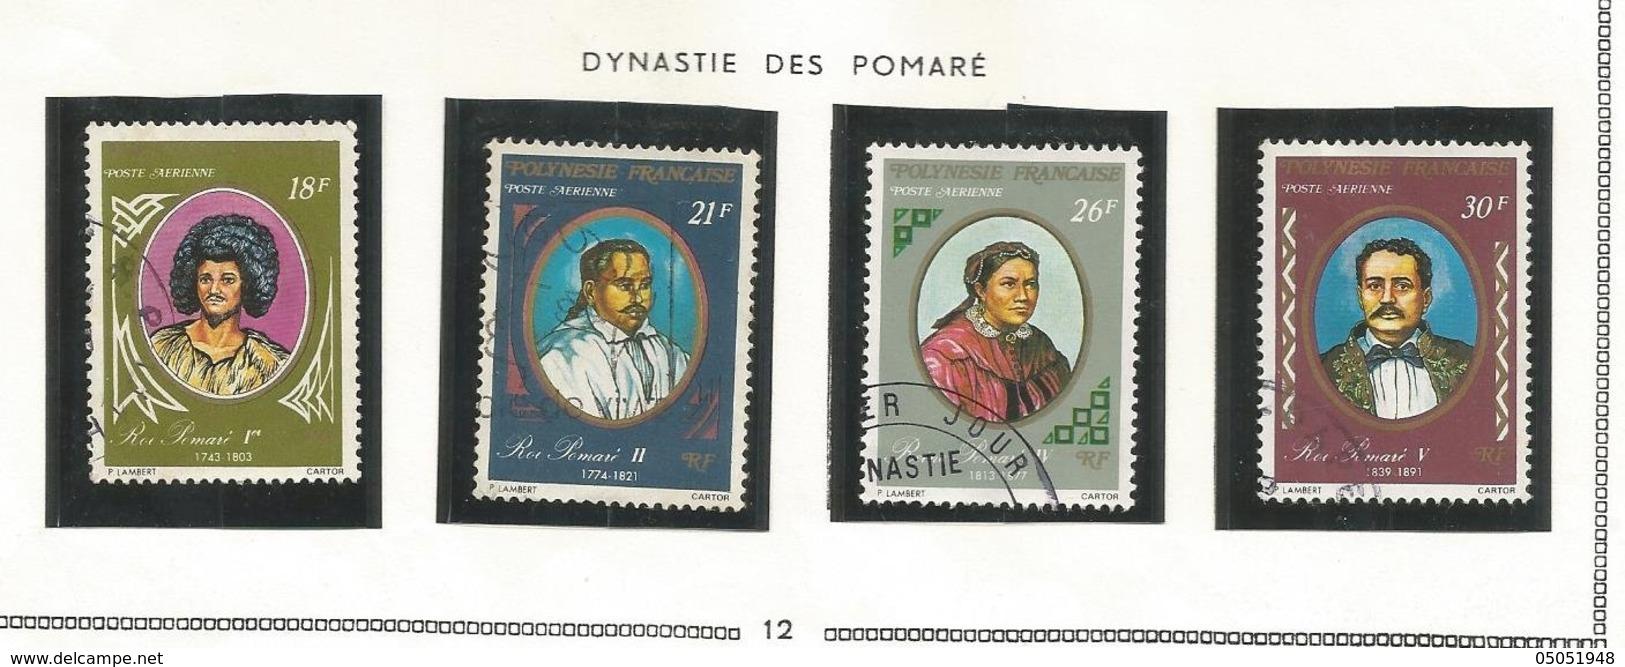 106/109  Dynastie Des Rois (pag12 Claspolubleu) - Oblitérés